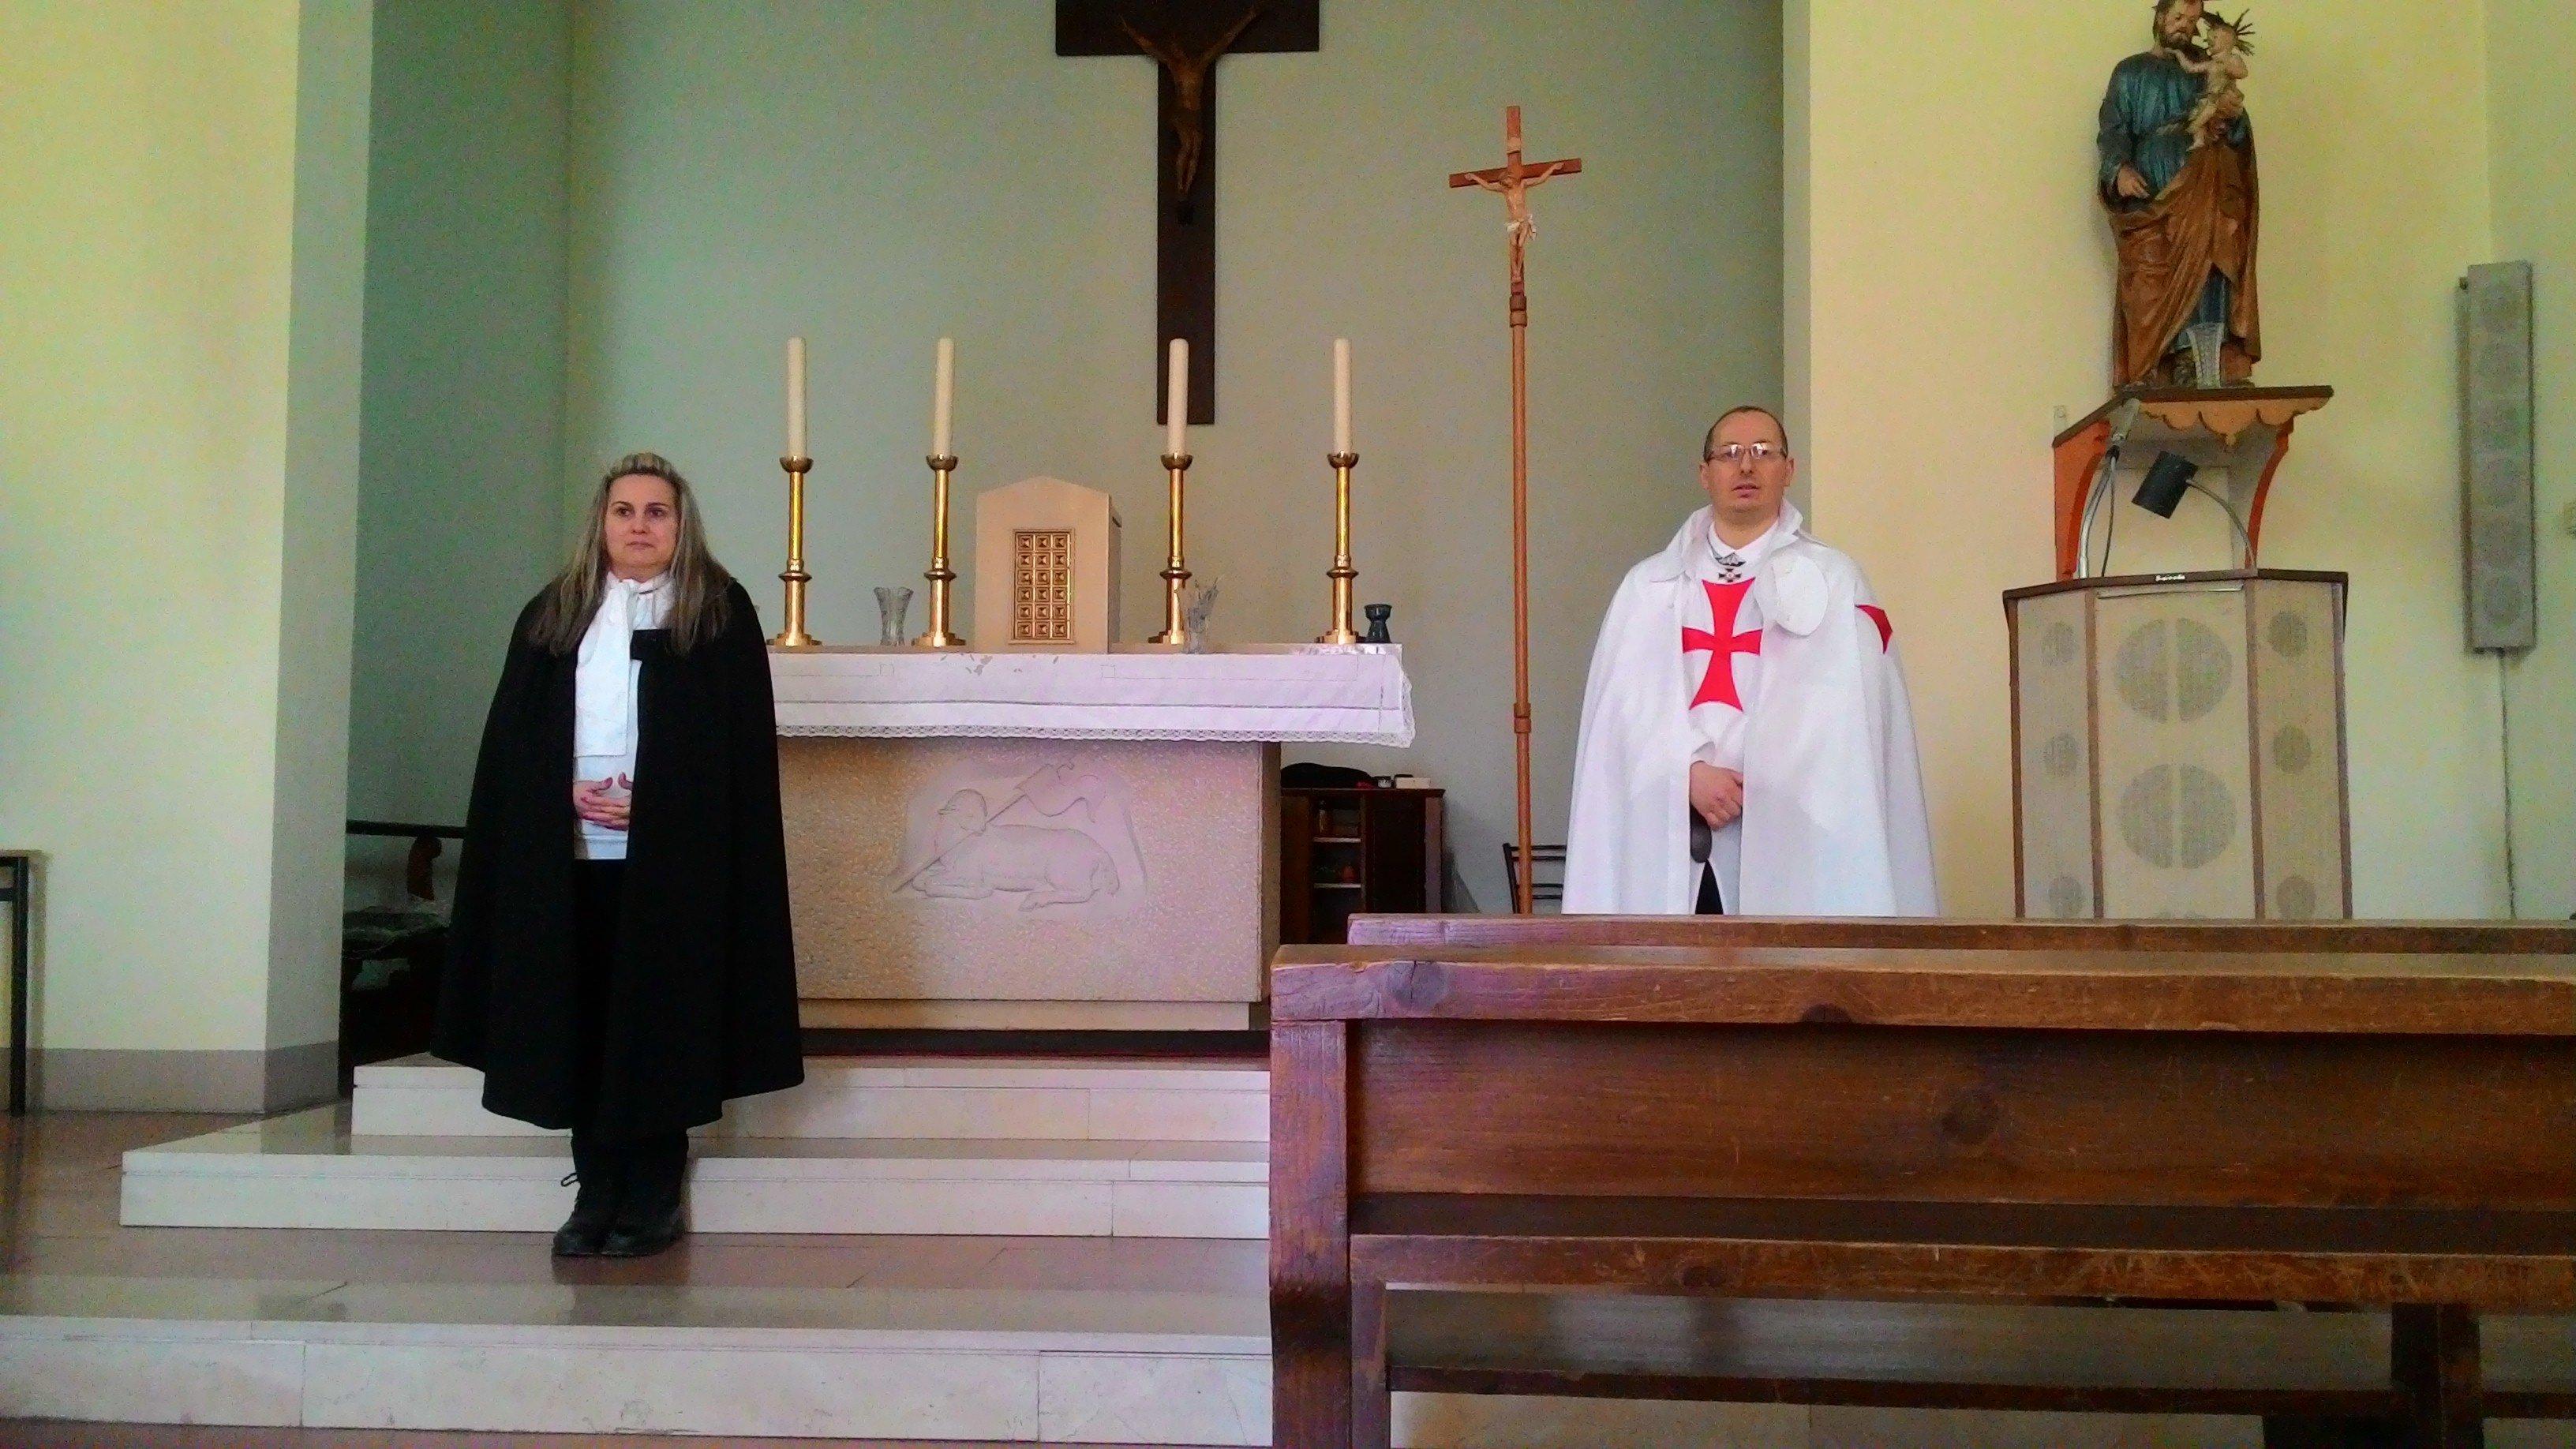 Custodia della Chiesa di San Giuseppe Lavoratore a Ontraino (PI) 23 Giu 2019